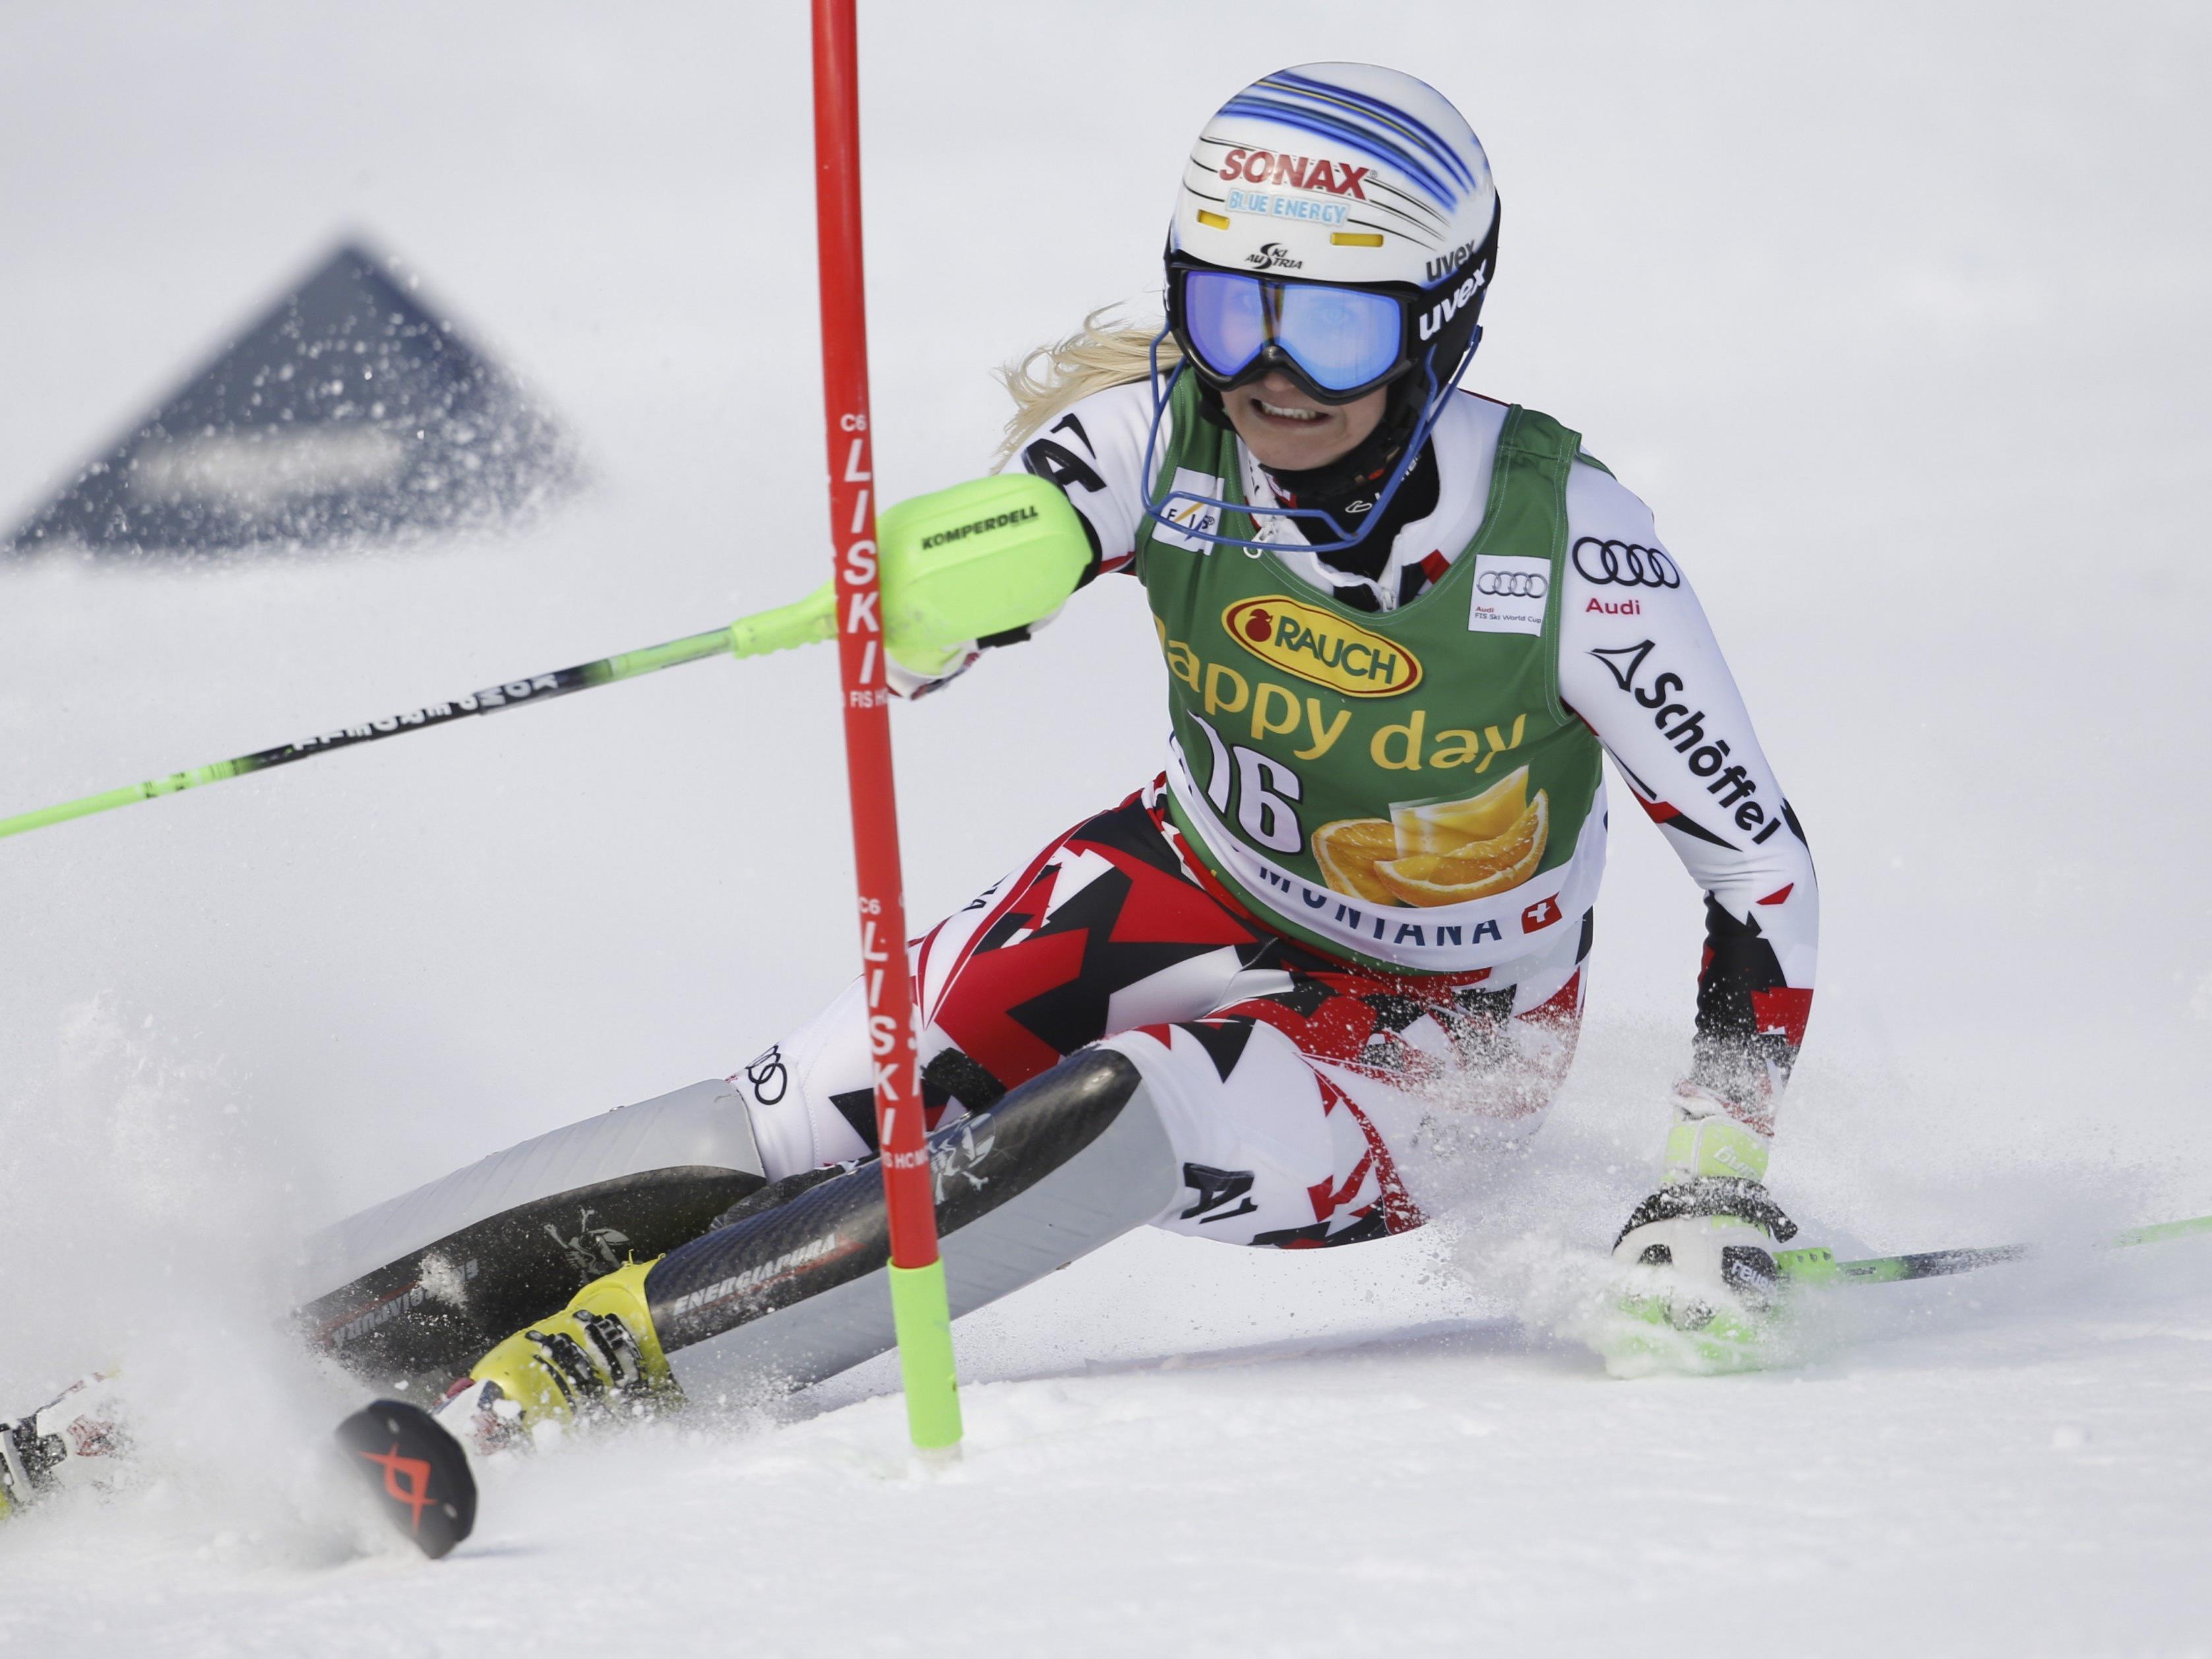 Tirolerin kann schon Samstag in Jasna RTL-Wertung für ÖSV-Damen gewinnen.